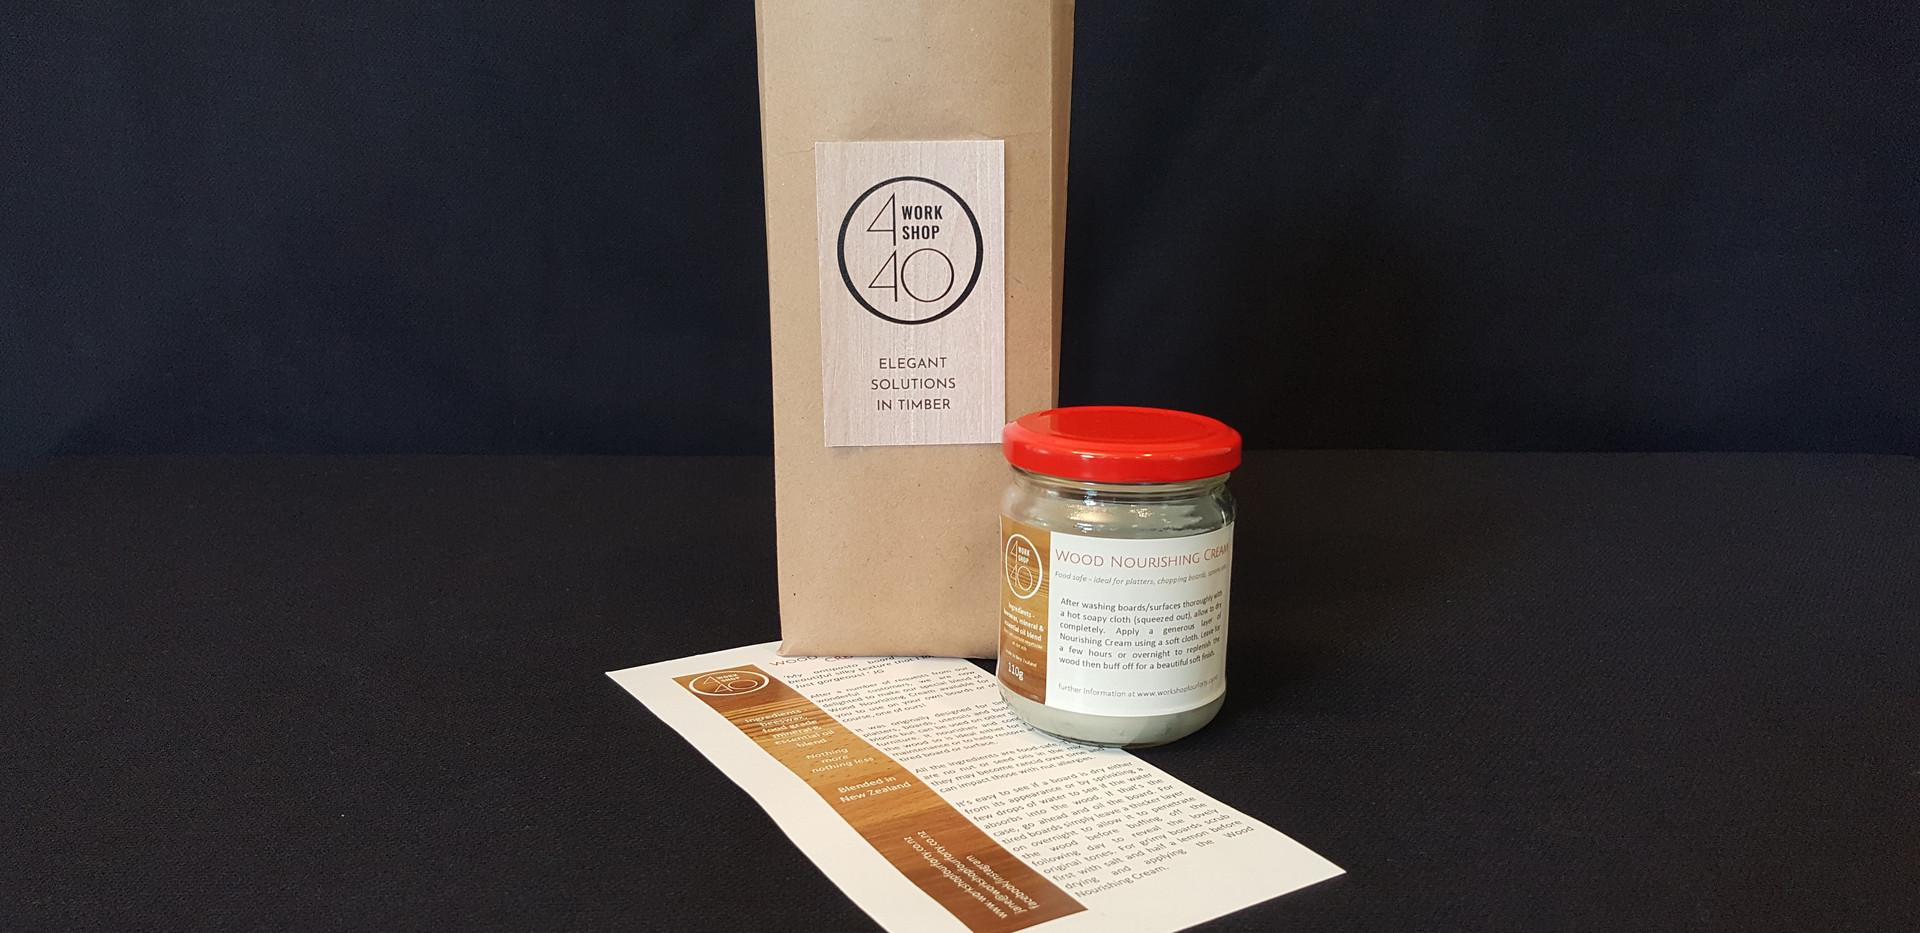 Wood Nourishing Cream